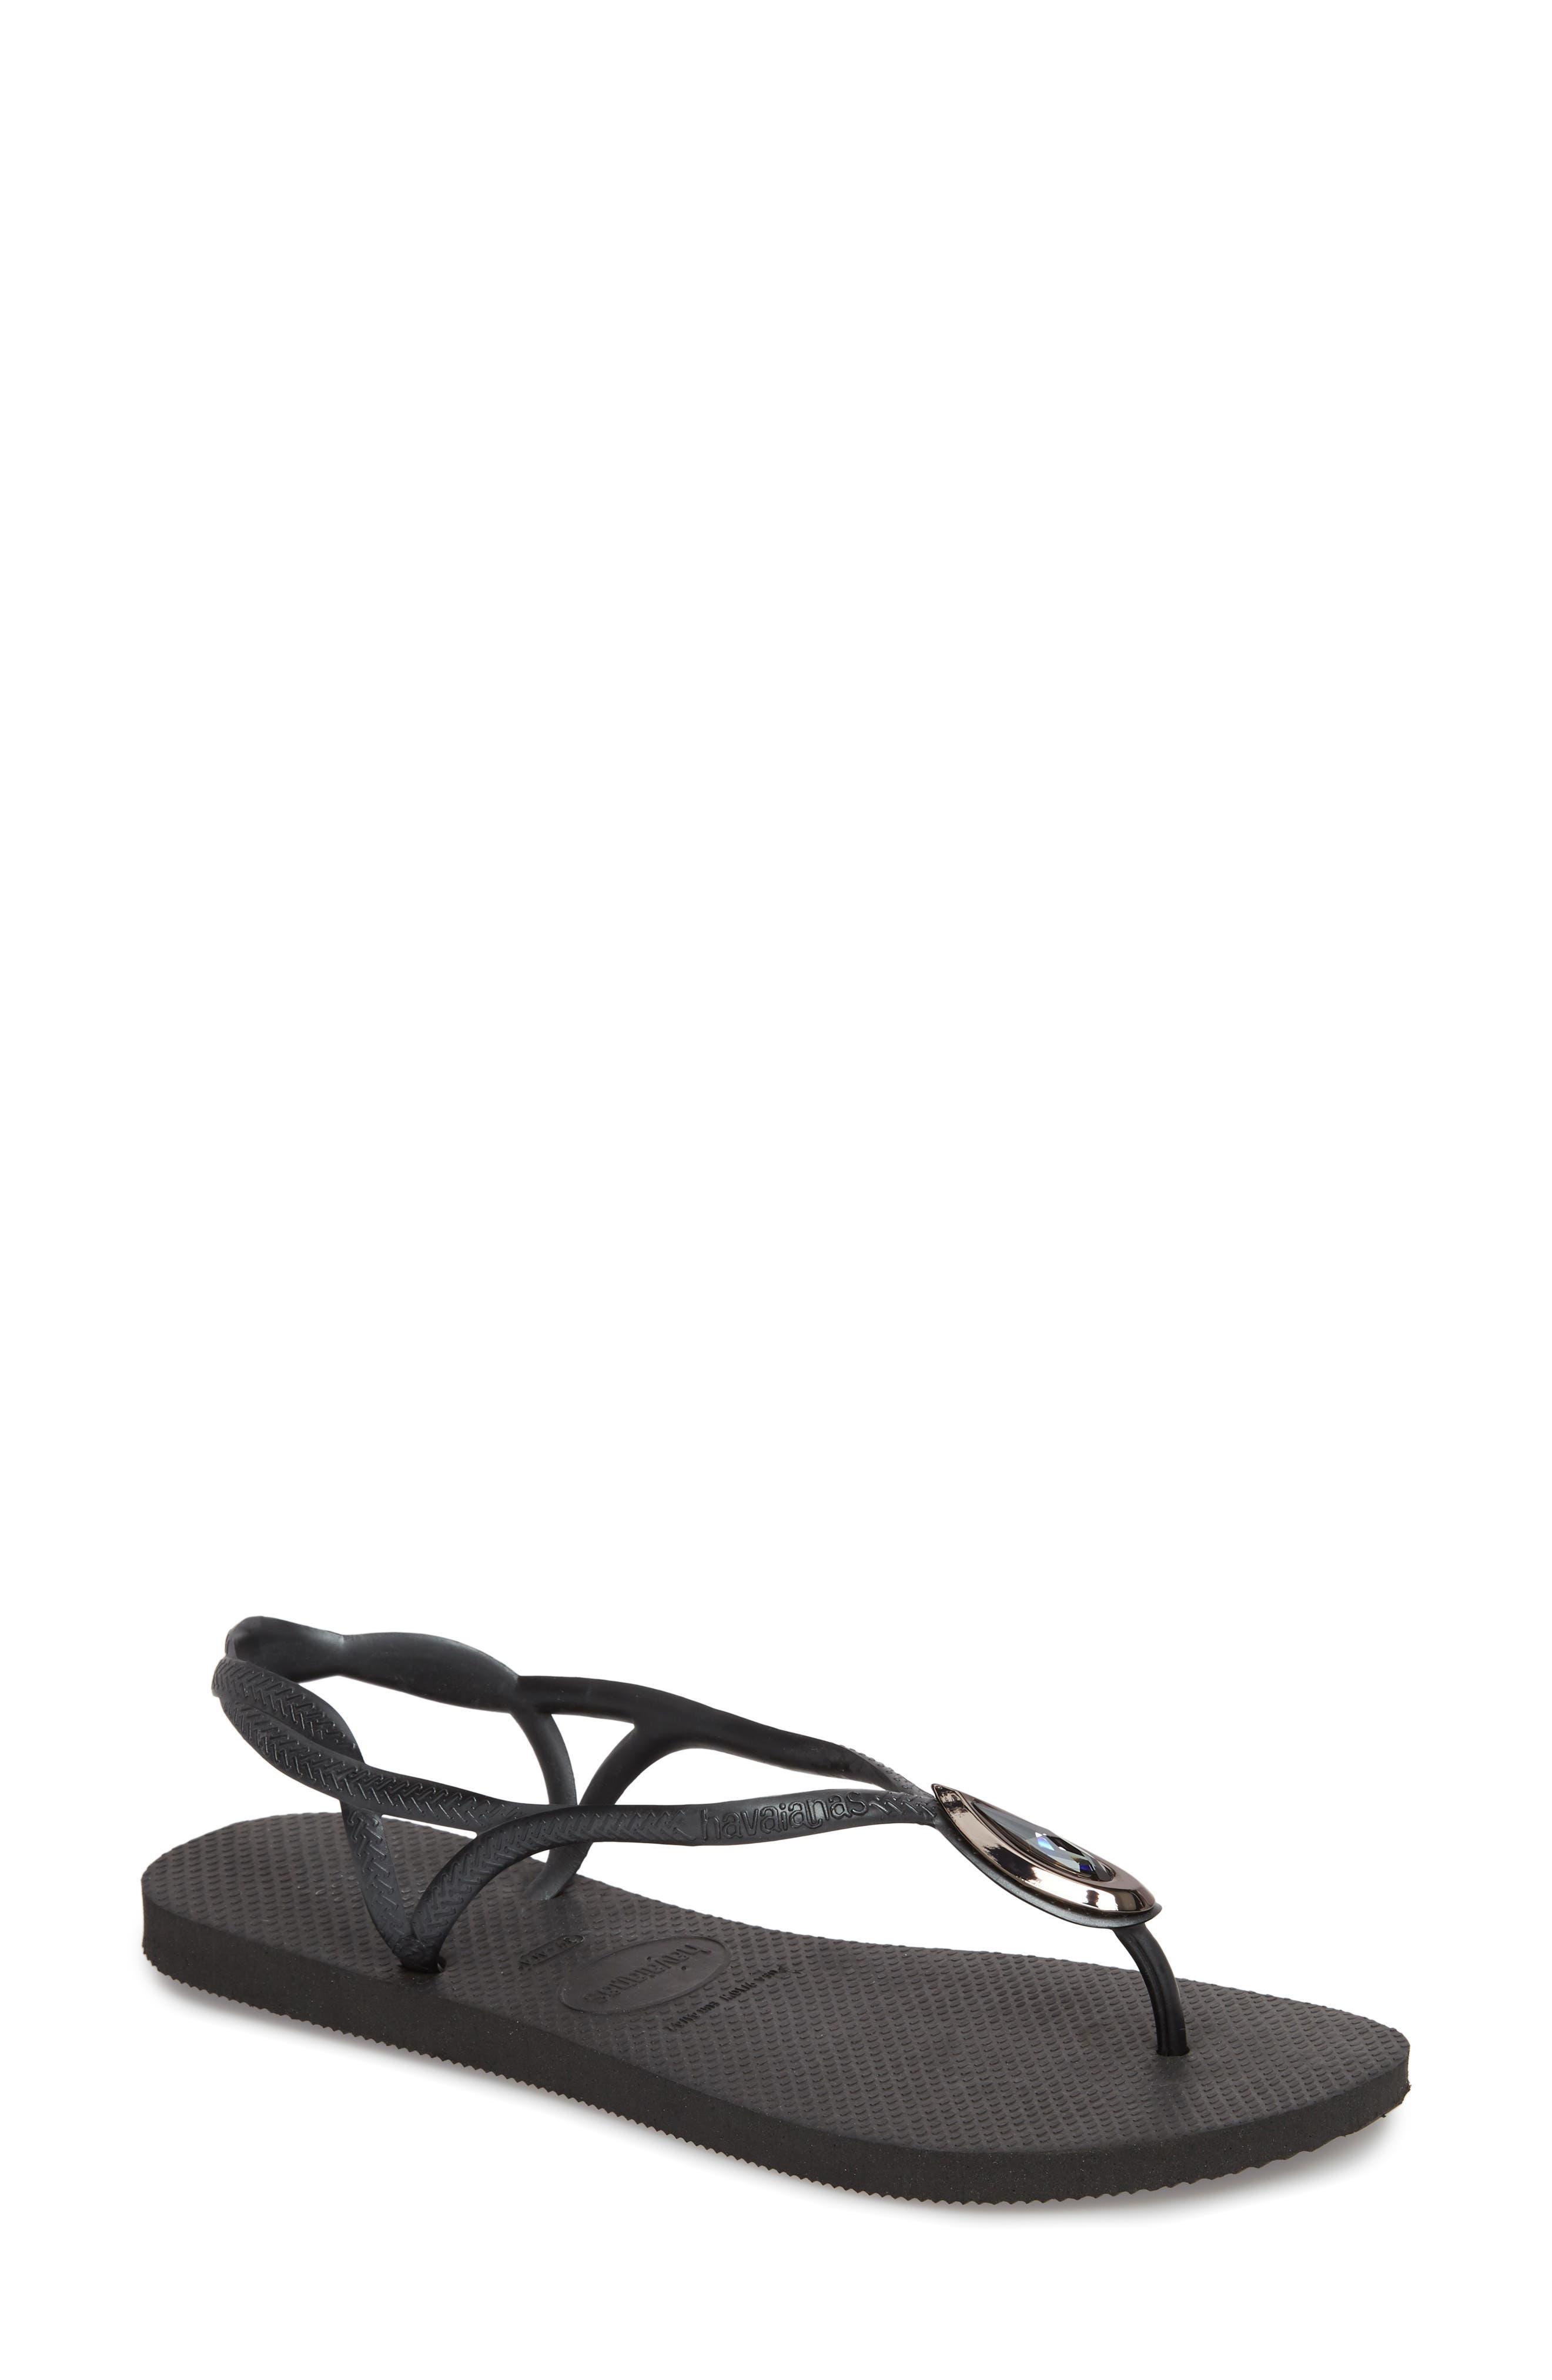 Luna Sandal,                         Main,                         color, BLACK/ BLACK